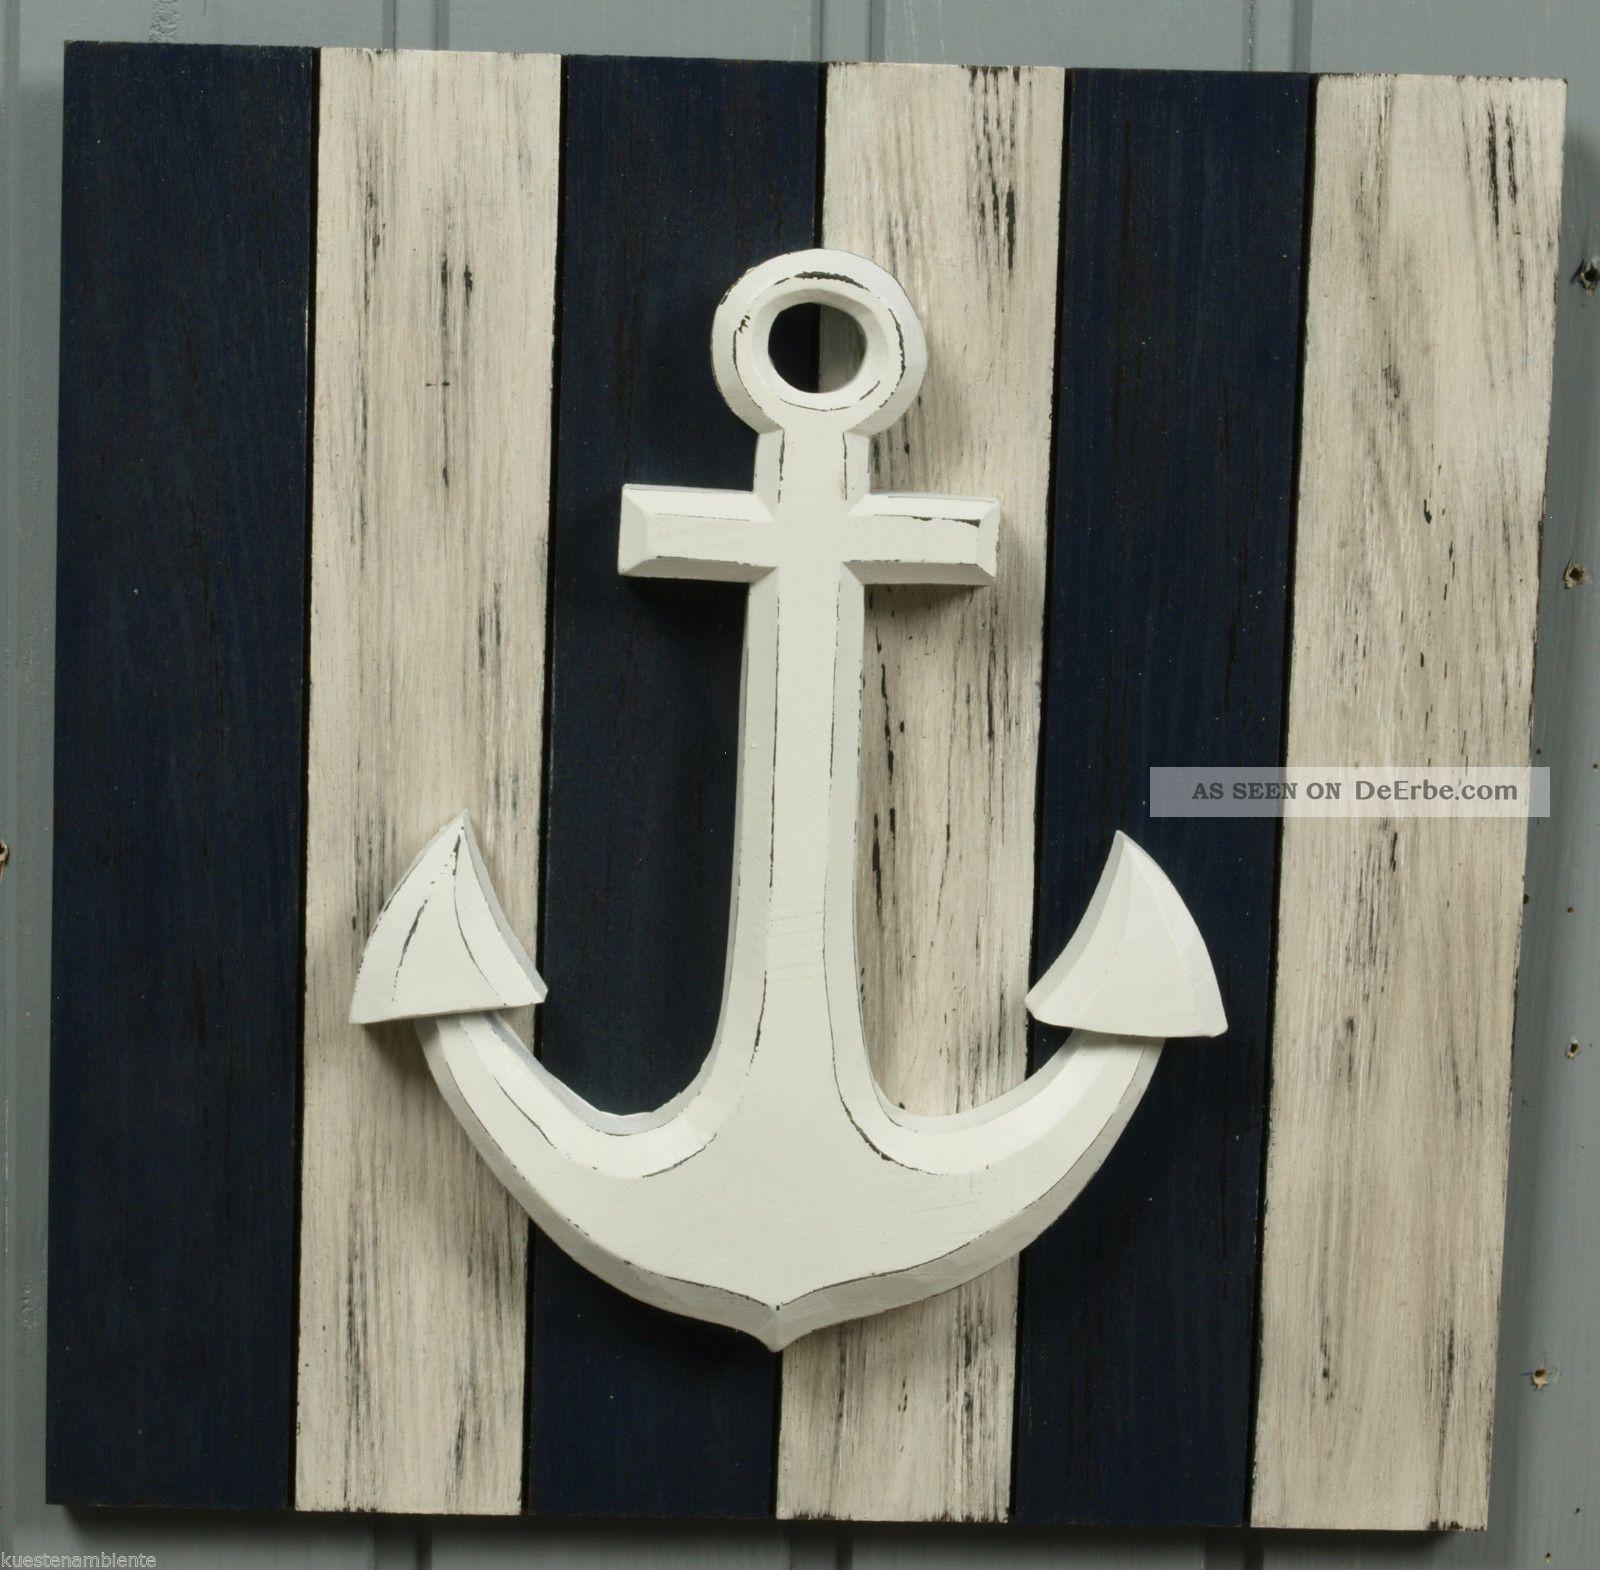 maritimer wandh nger bild wandbild anker aus holz blau wei 30 x 30cm. Black Bedroom Furniture Sets. Home Design Ideas